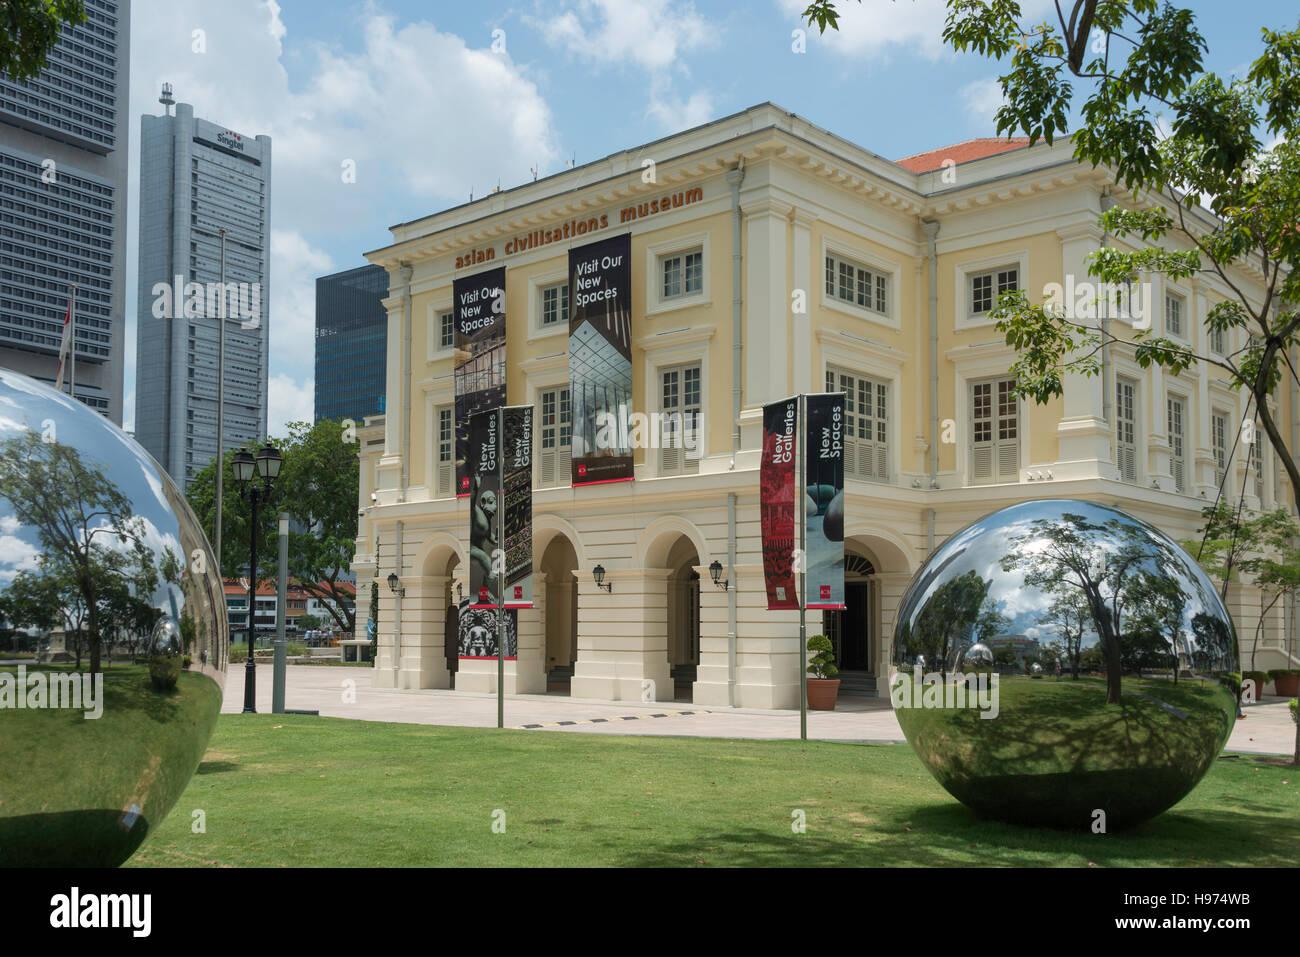 Asian Civilisations Museum (ACM), Empress Place, Civic District, Singapore Island, Singapore - Stock Image